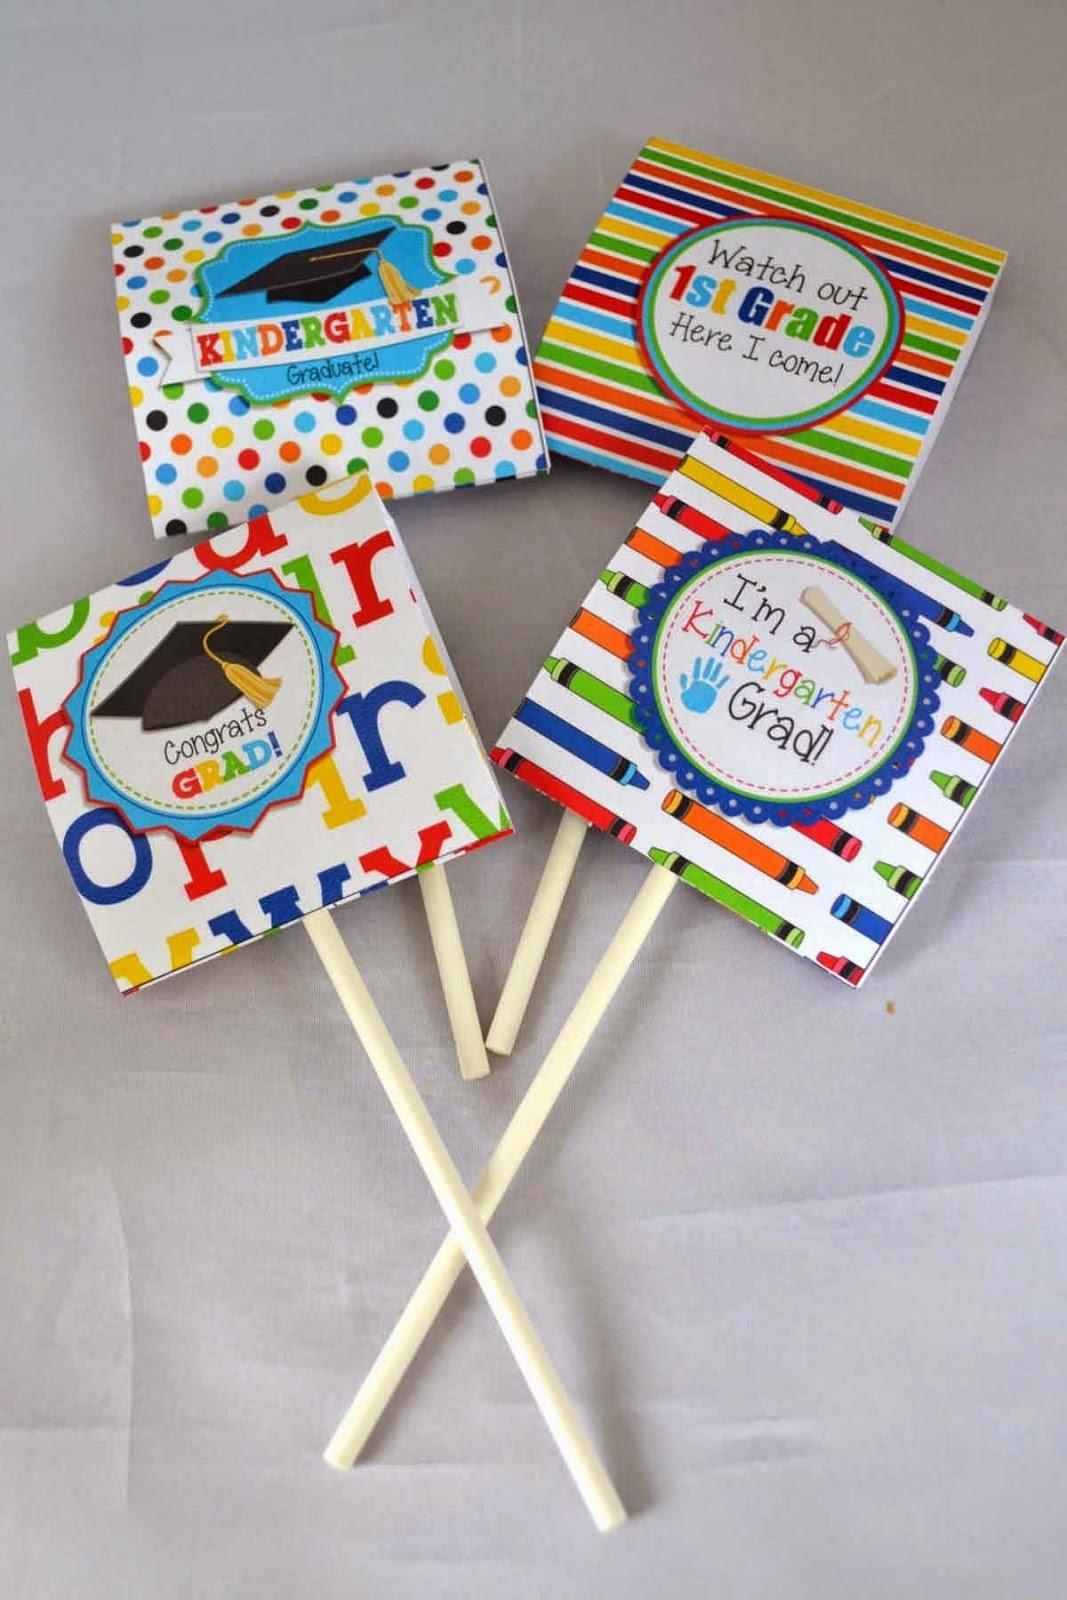 10 Great Gift Ideas For Kindergarten Graduation kindergarten graduation party printables and a freebie amanda